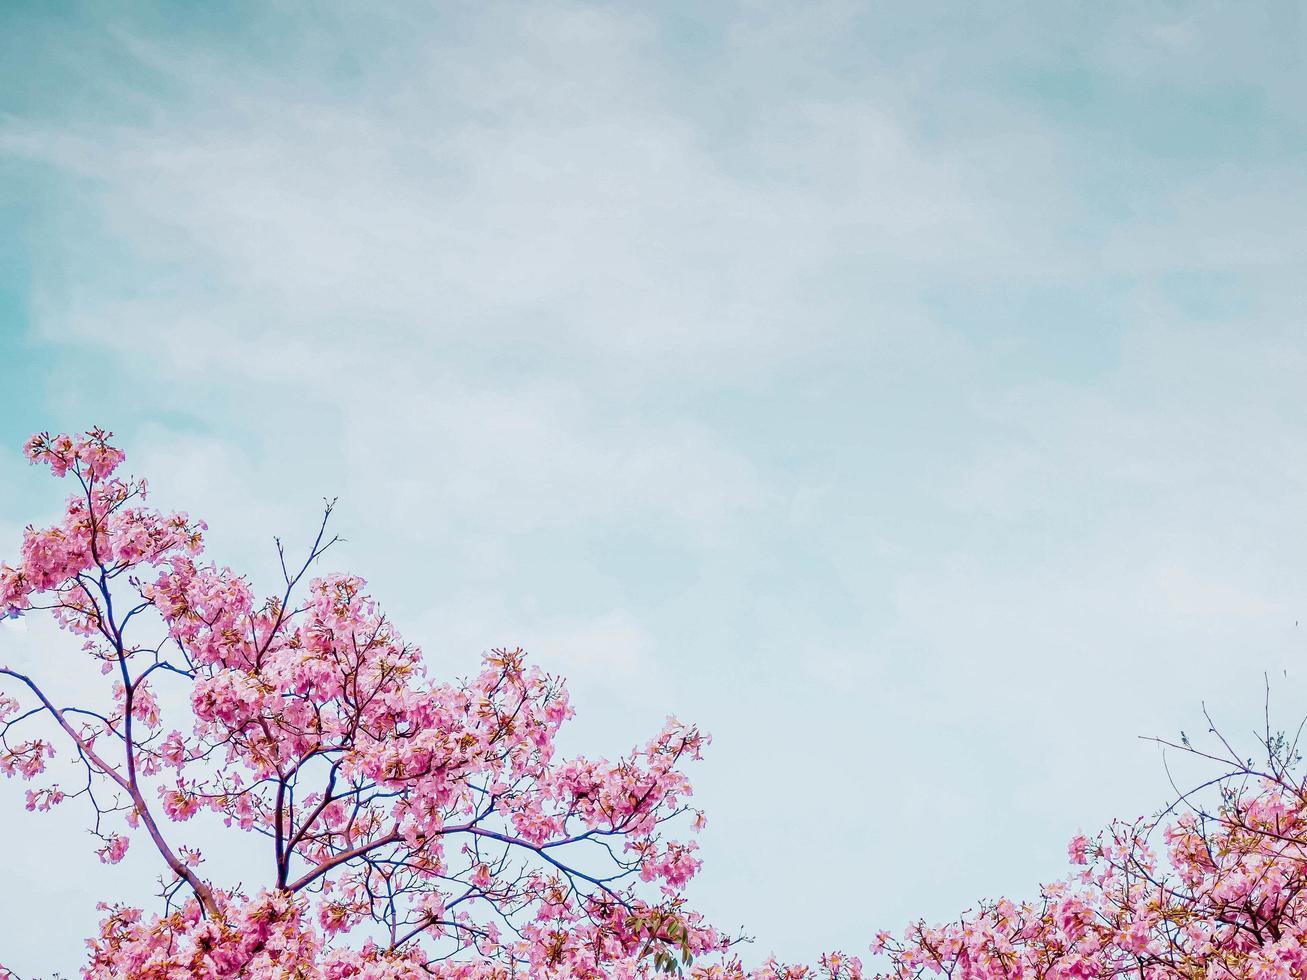 rosa tabebuia Blumenblüte gegen blauen Himmel foto